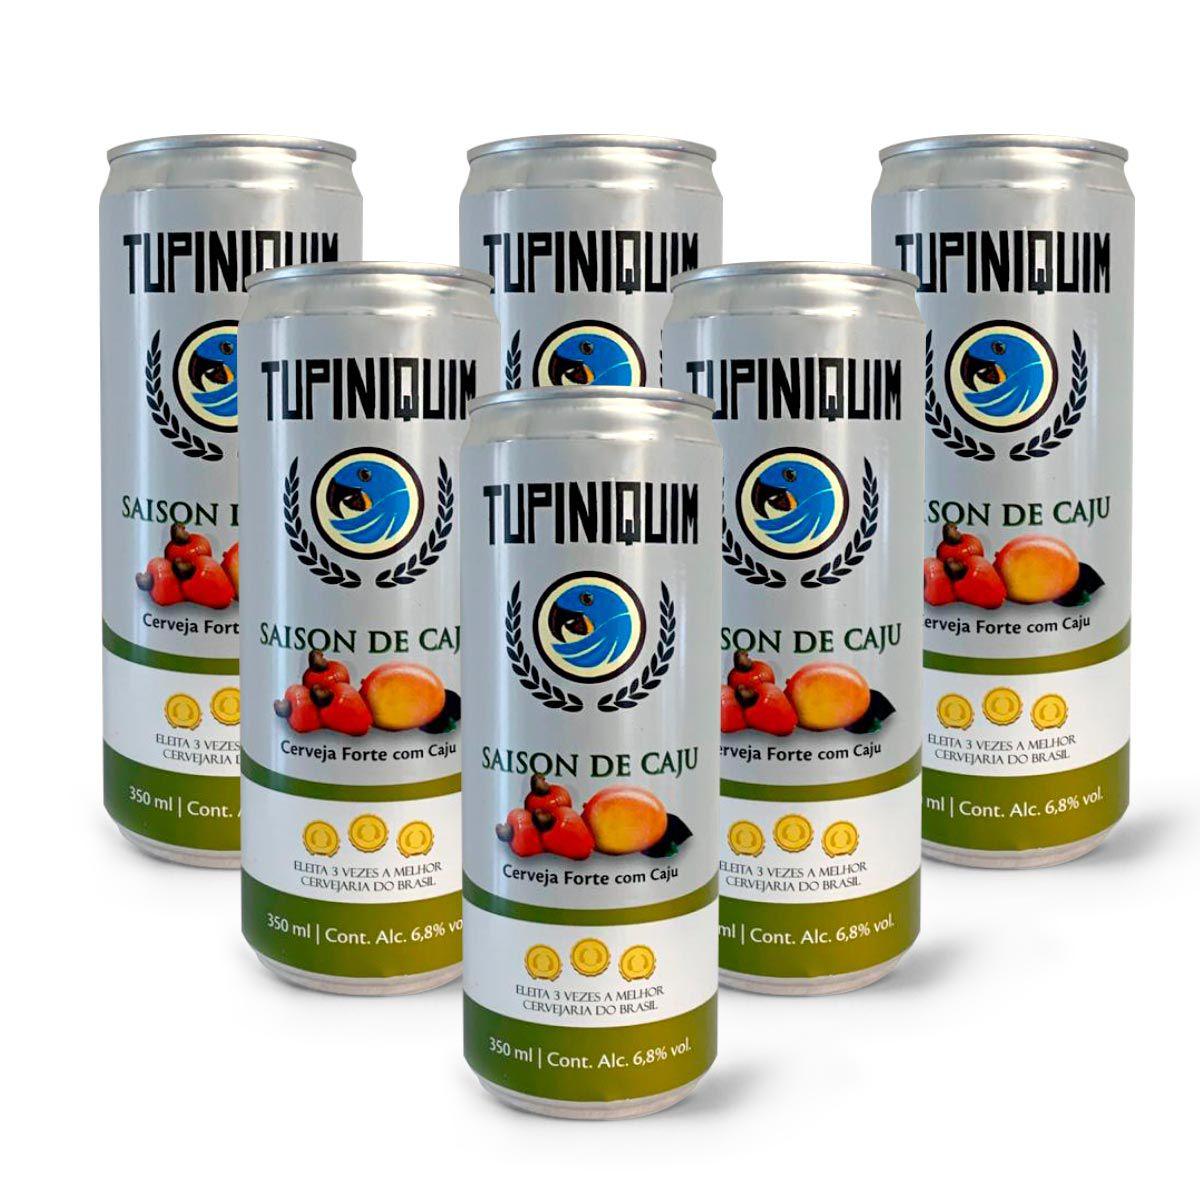 Pack Tupiniquim Saison Cajú 6 cervejas 350ml